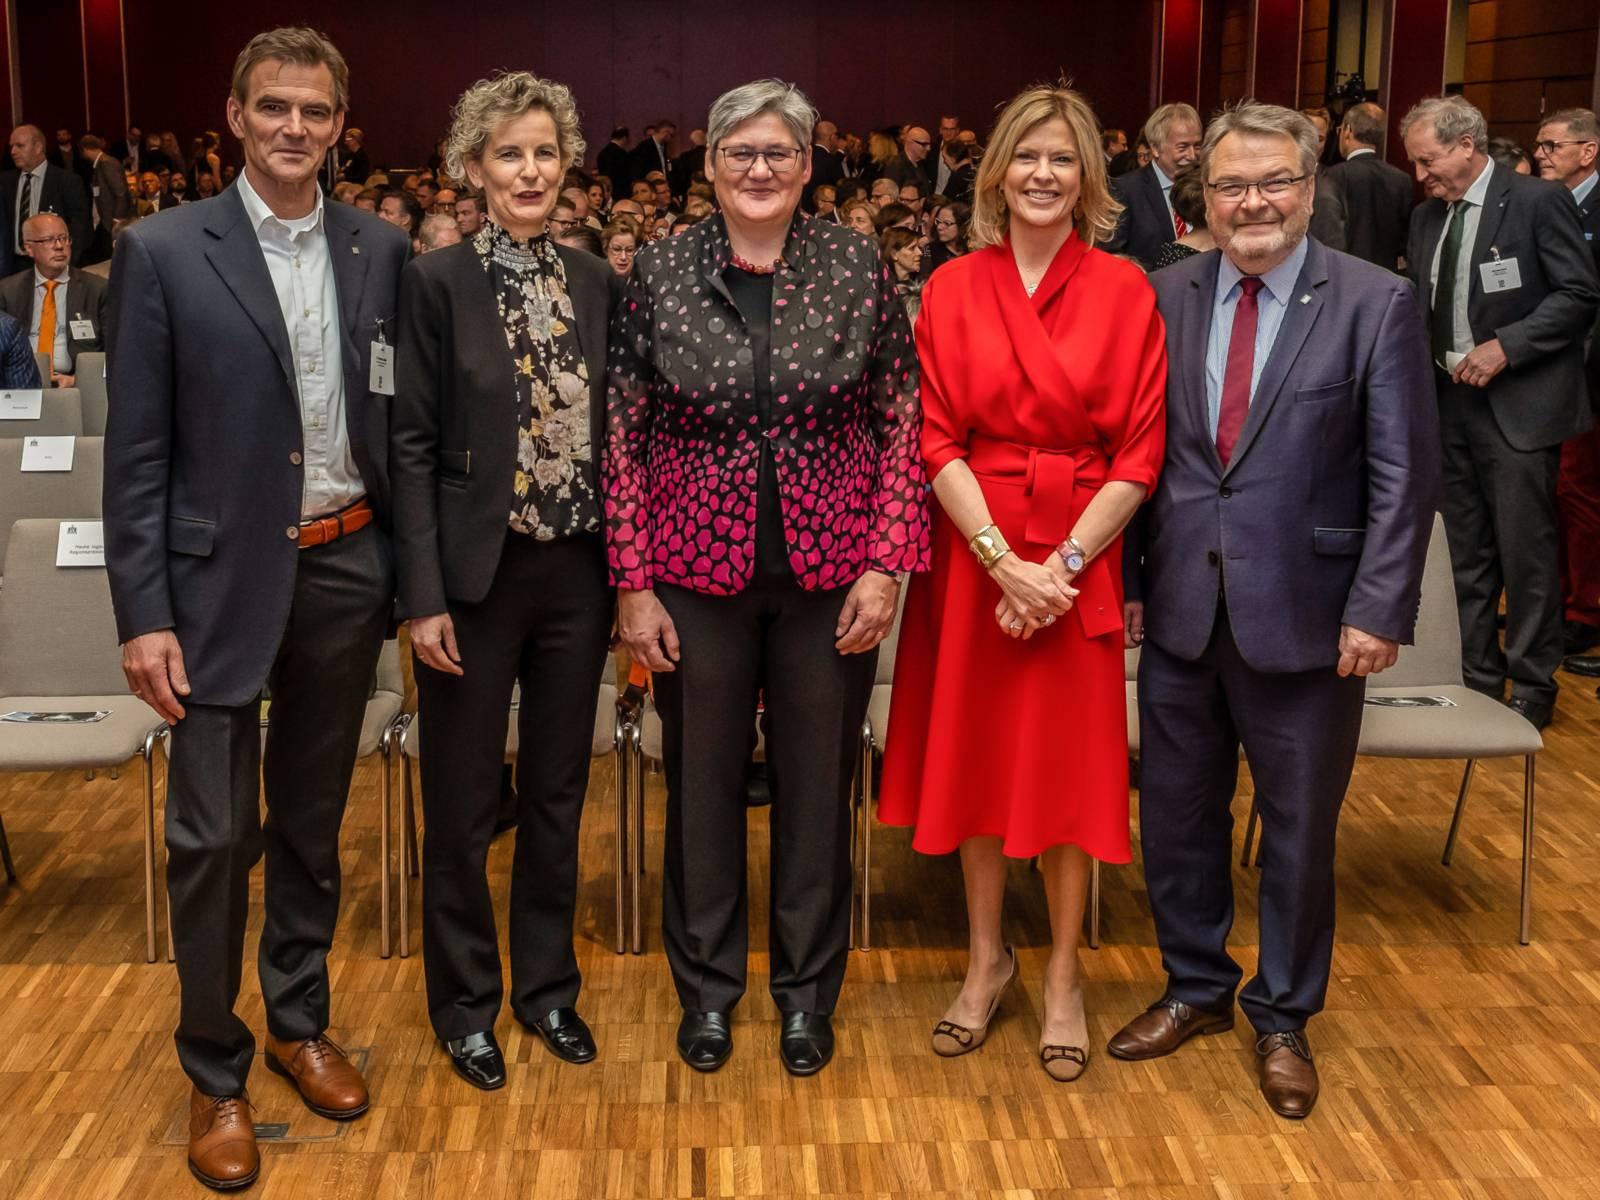 Fünf Personen in einem großen Saal